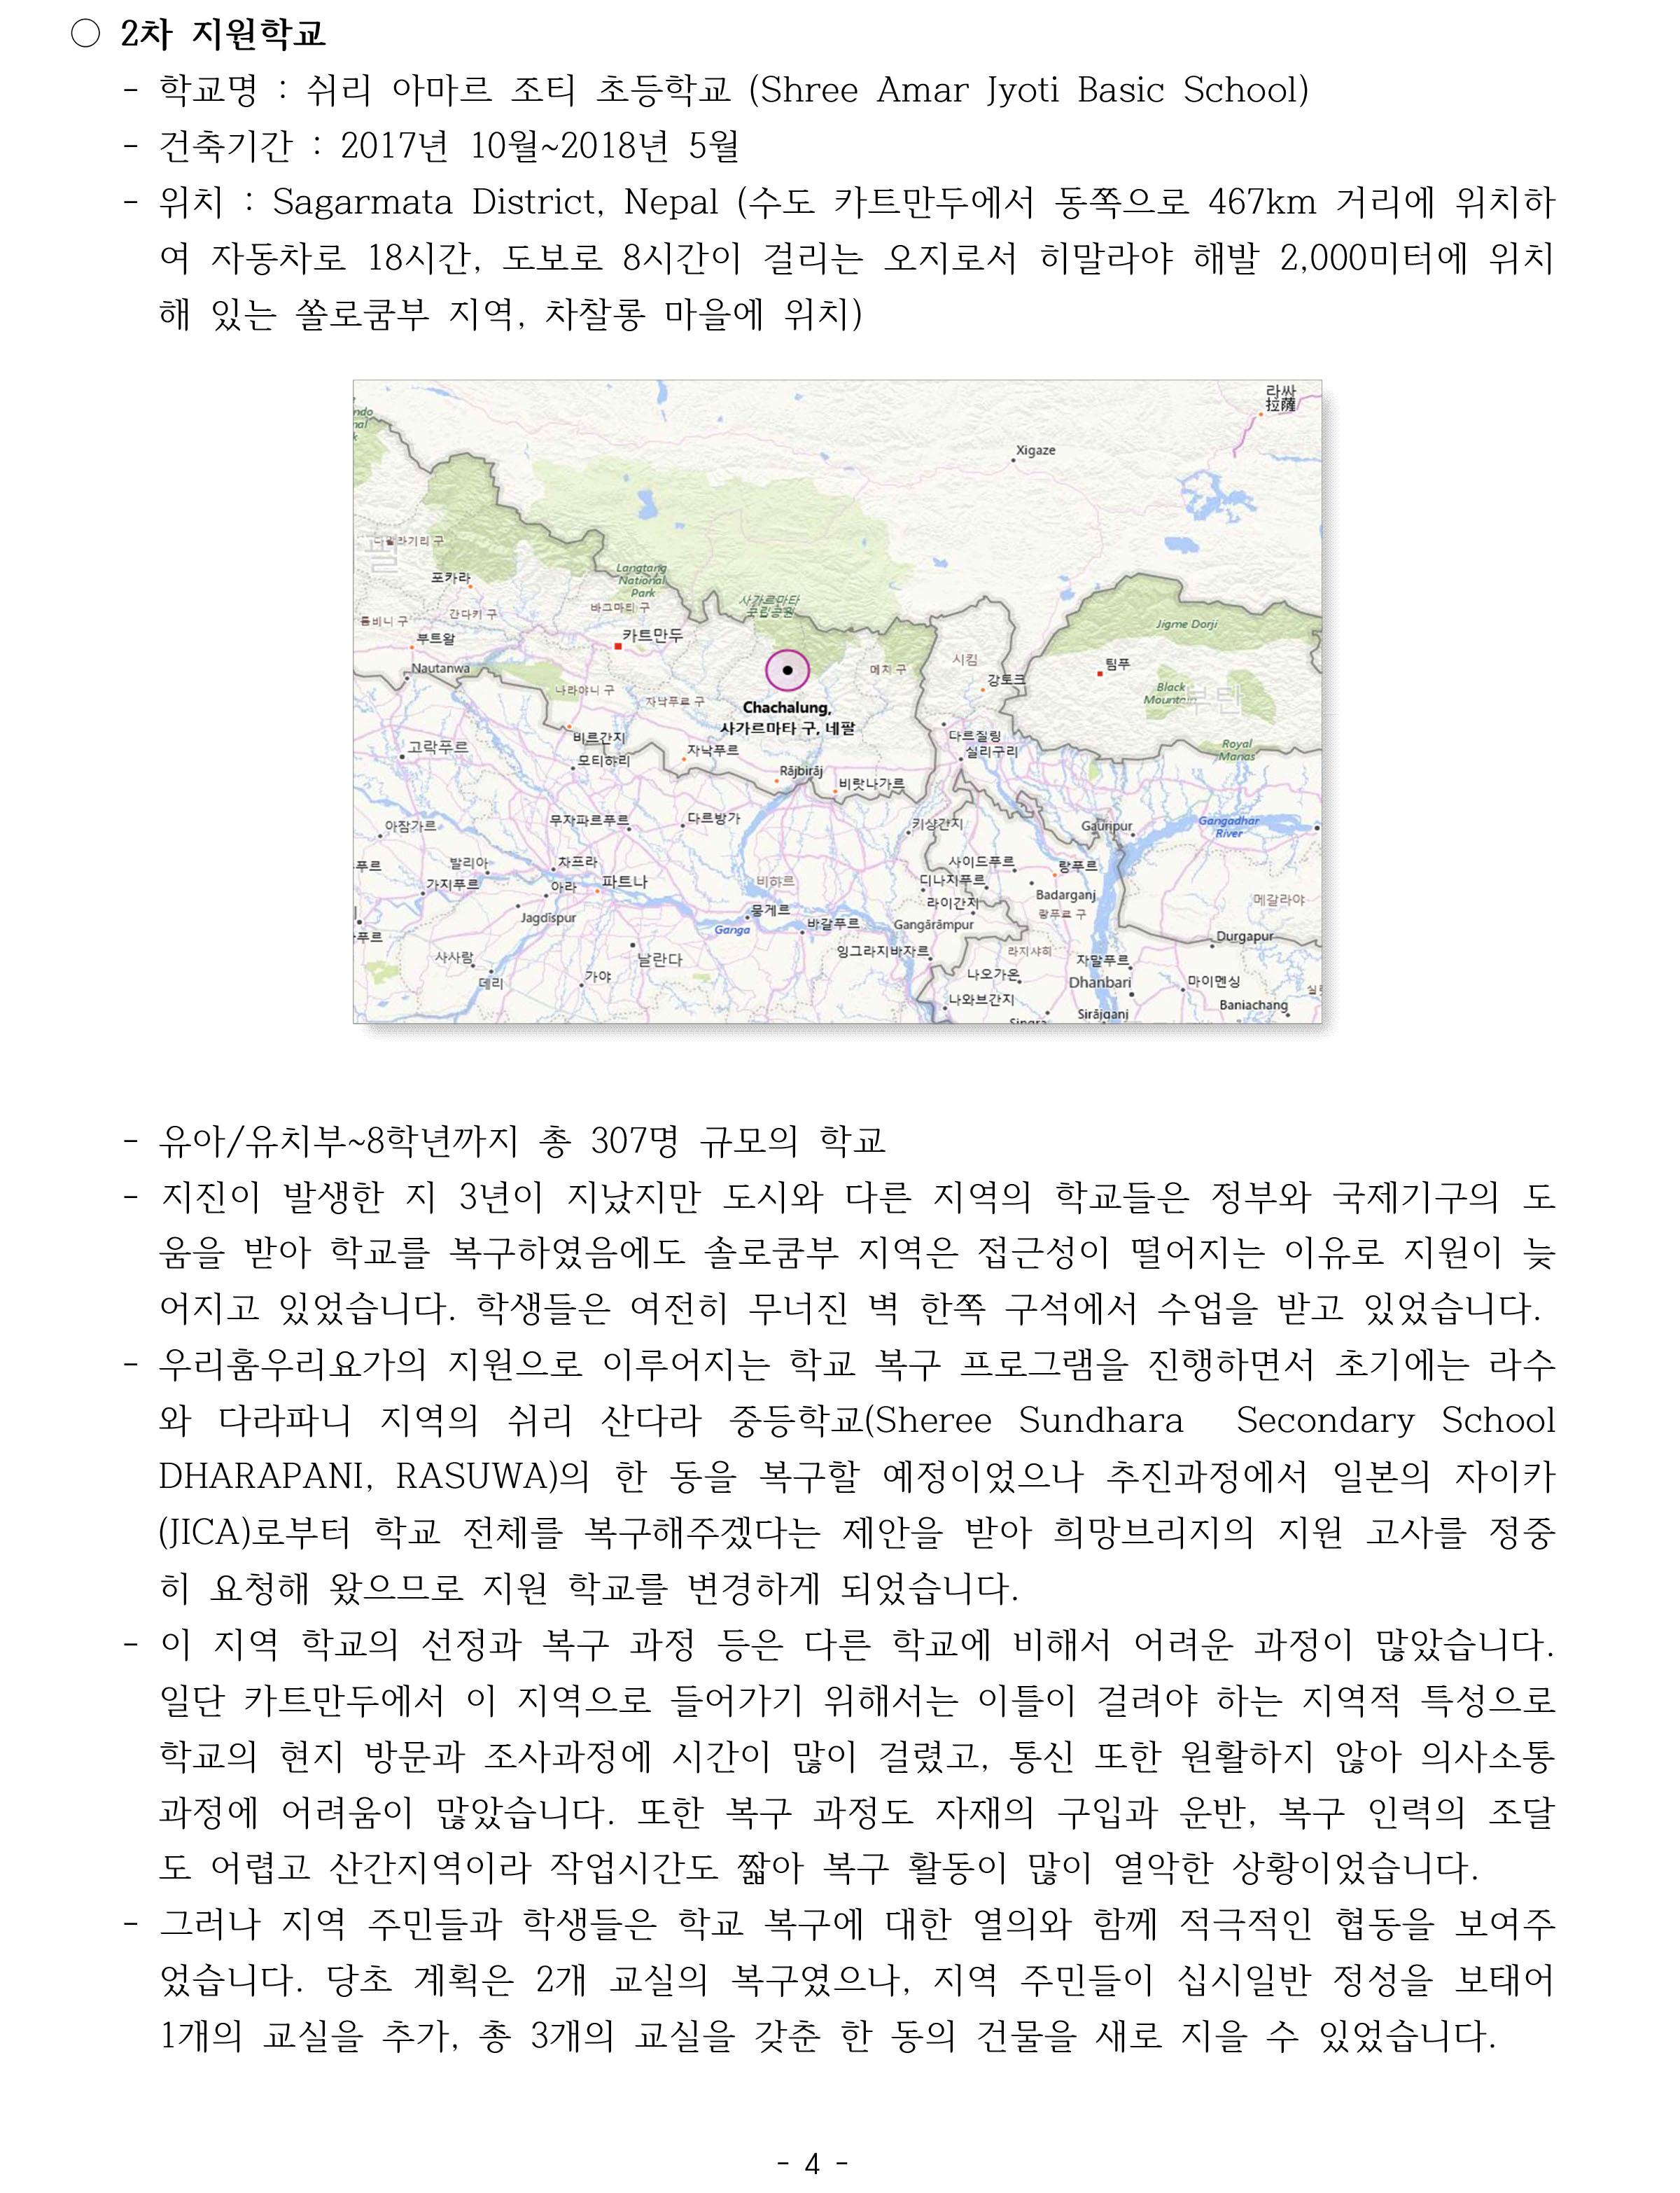 네팔 학교 재건 3차 준비 - 최종보고-4.jpg